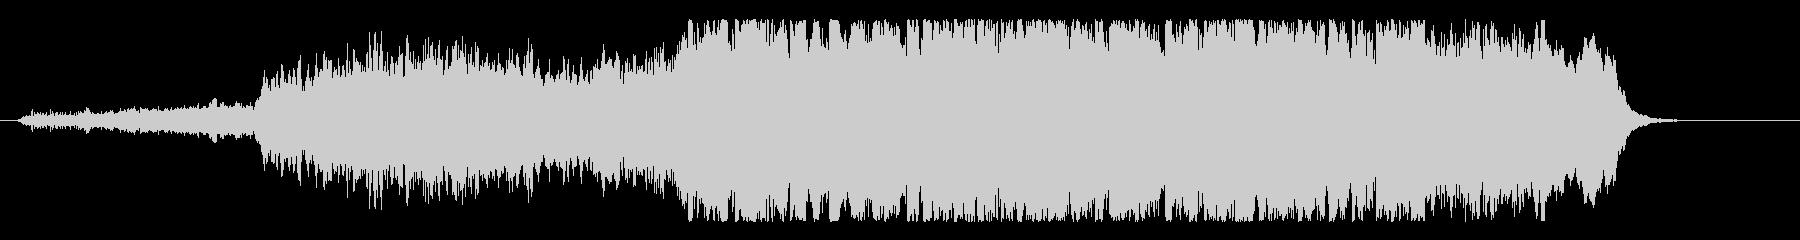 キラキラ雪景色の感動的ジングルの未再生の波形